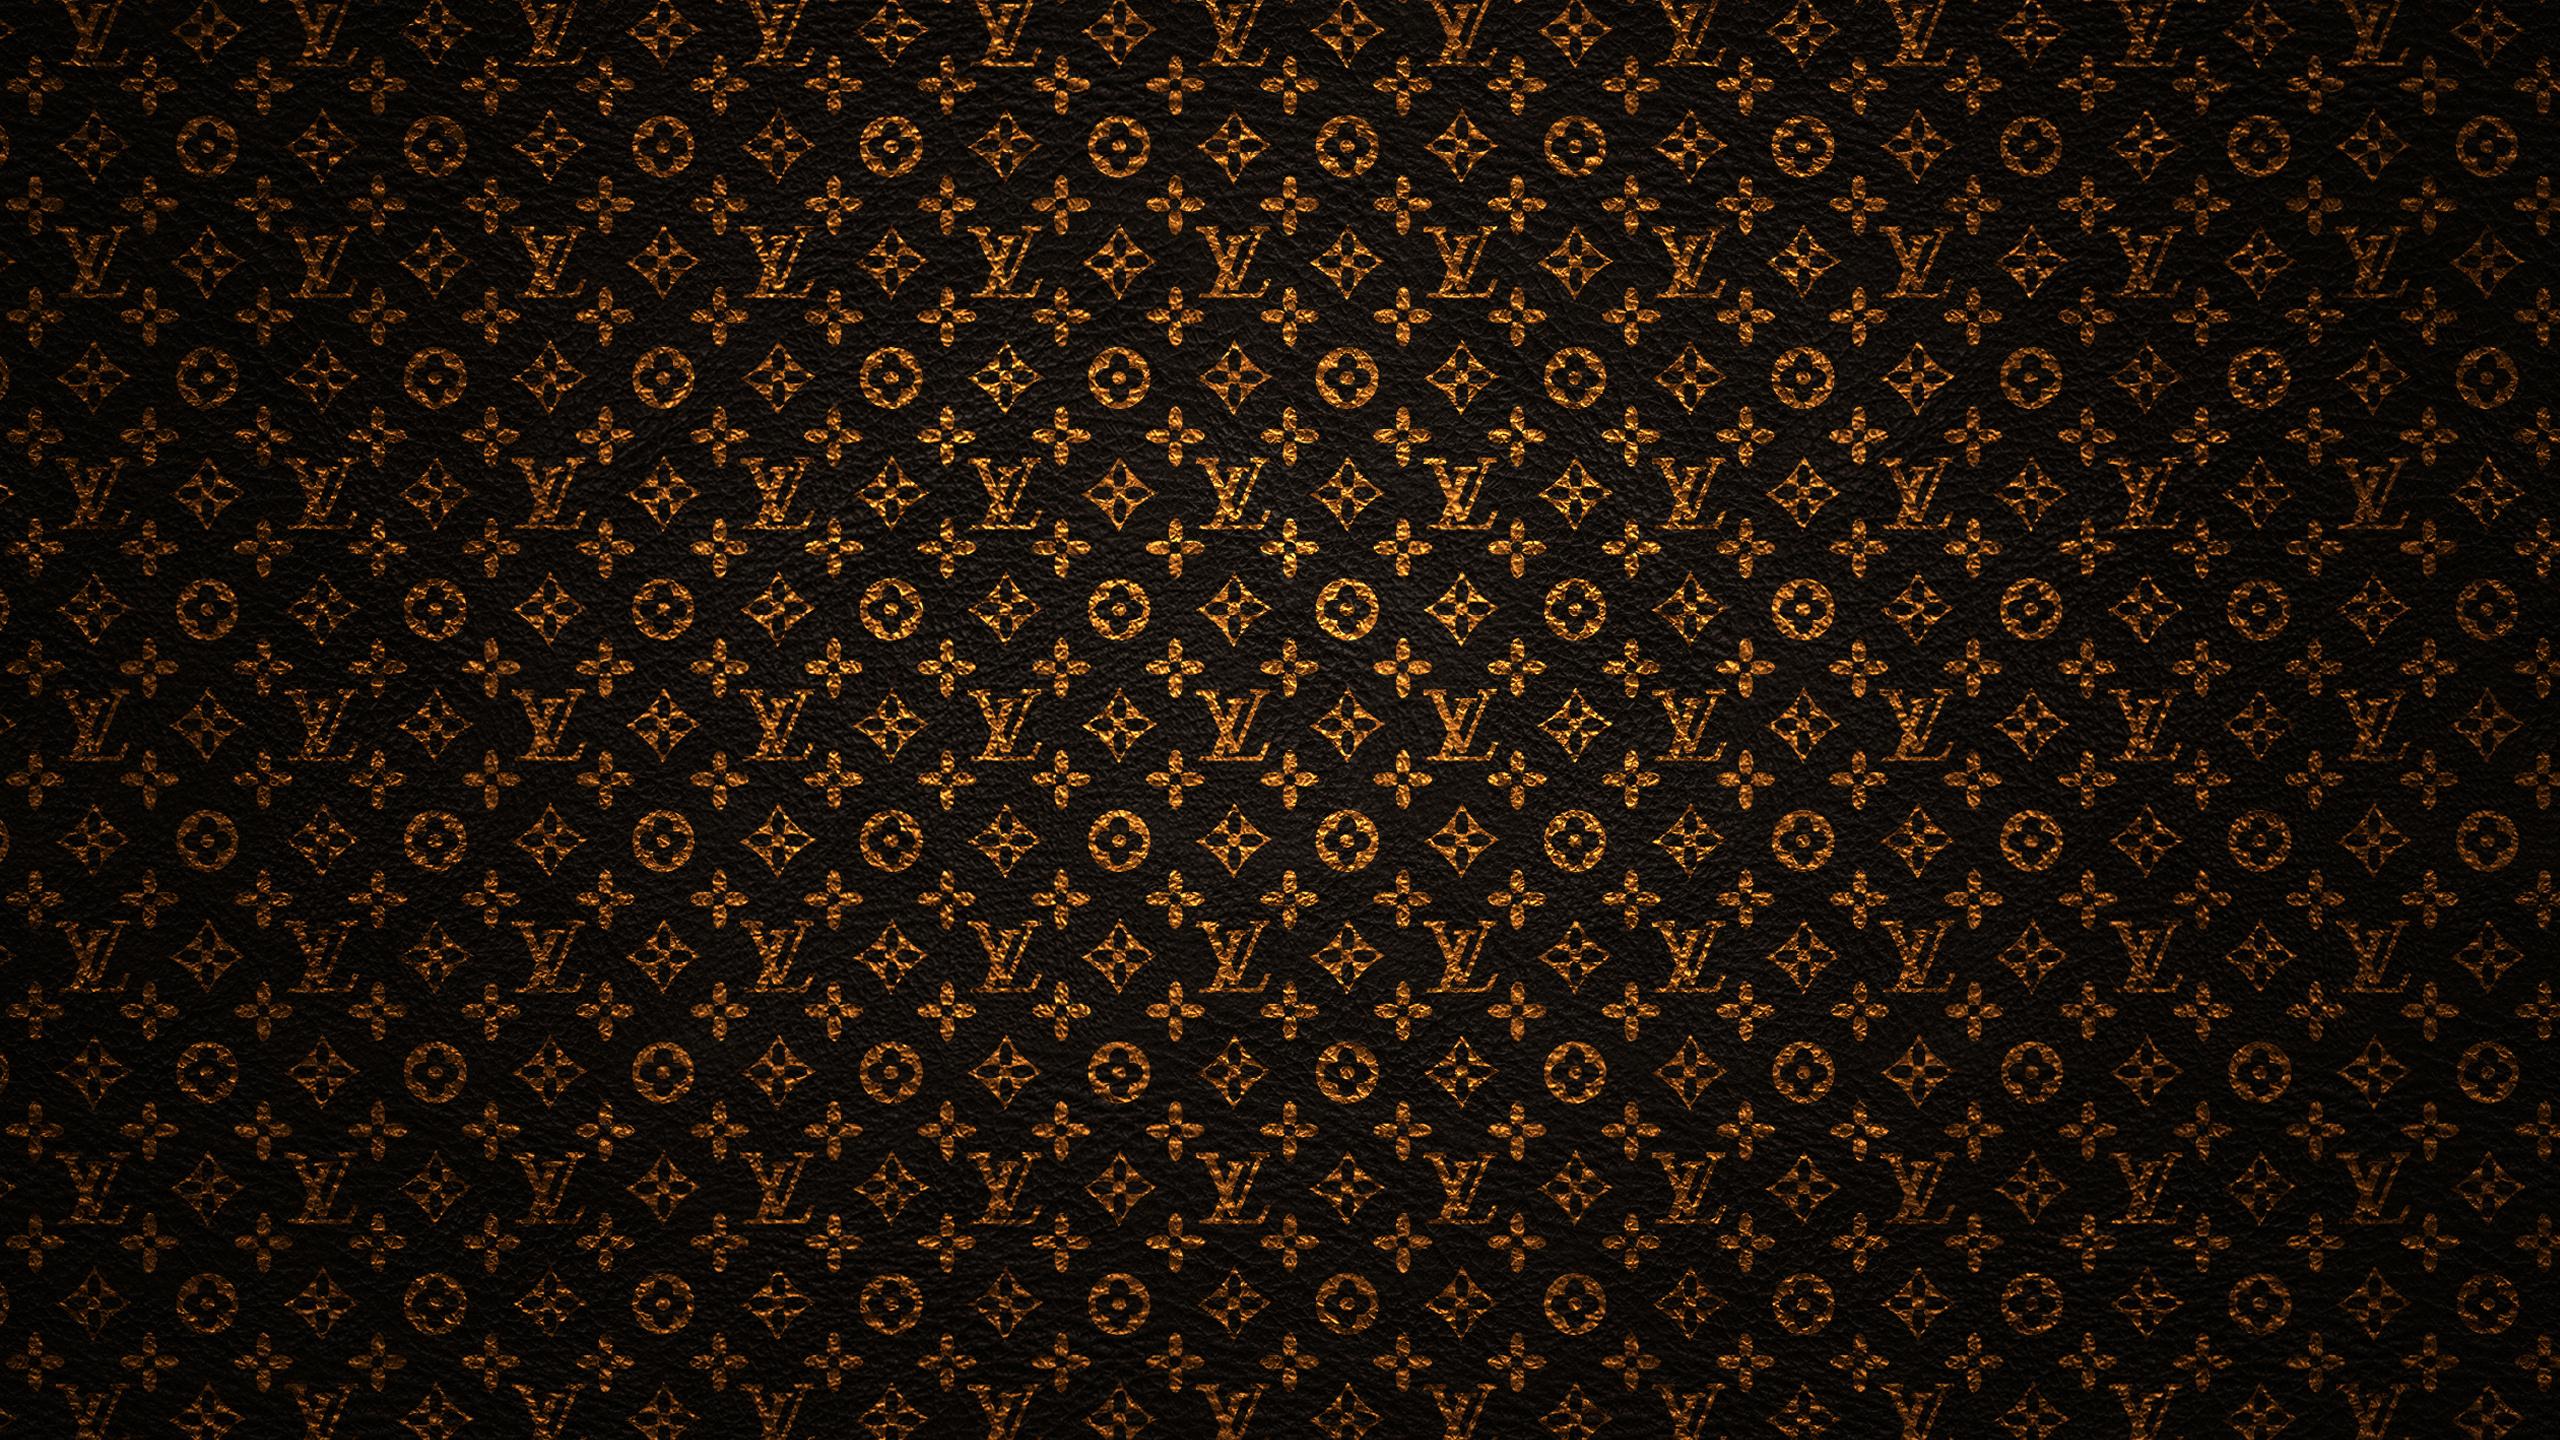 louis vuitton hd wallpaper | hintergrund | 2560x1440 | id:383325